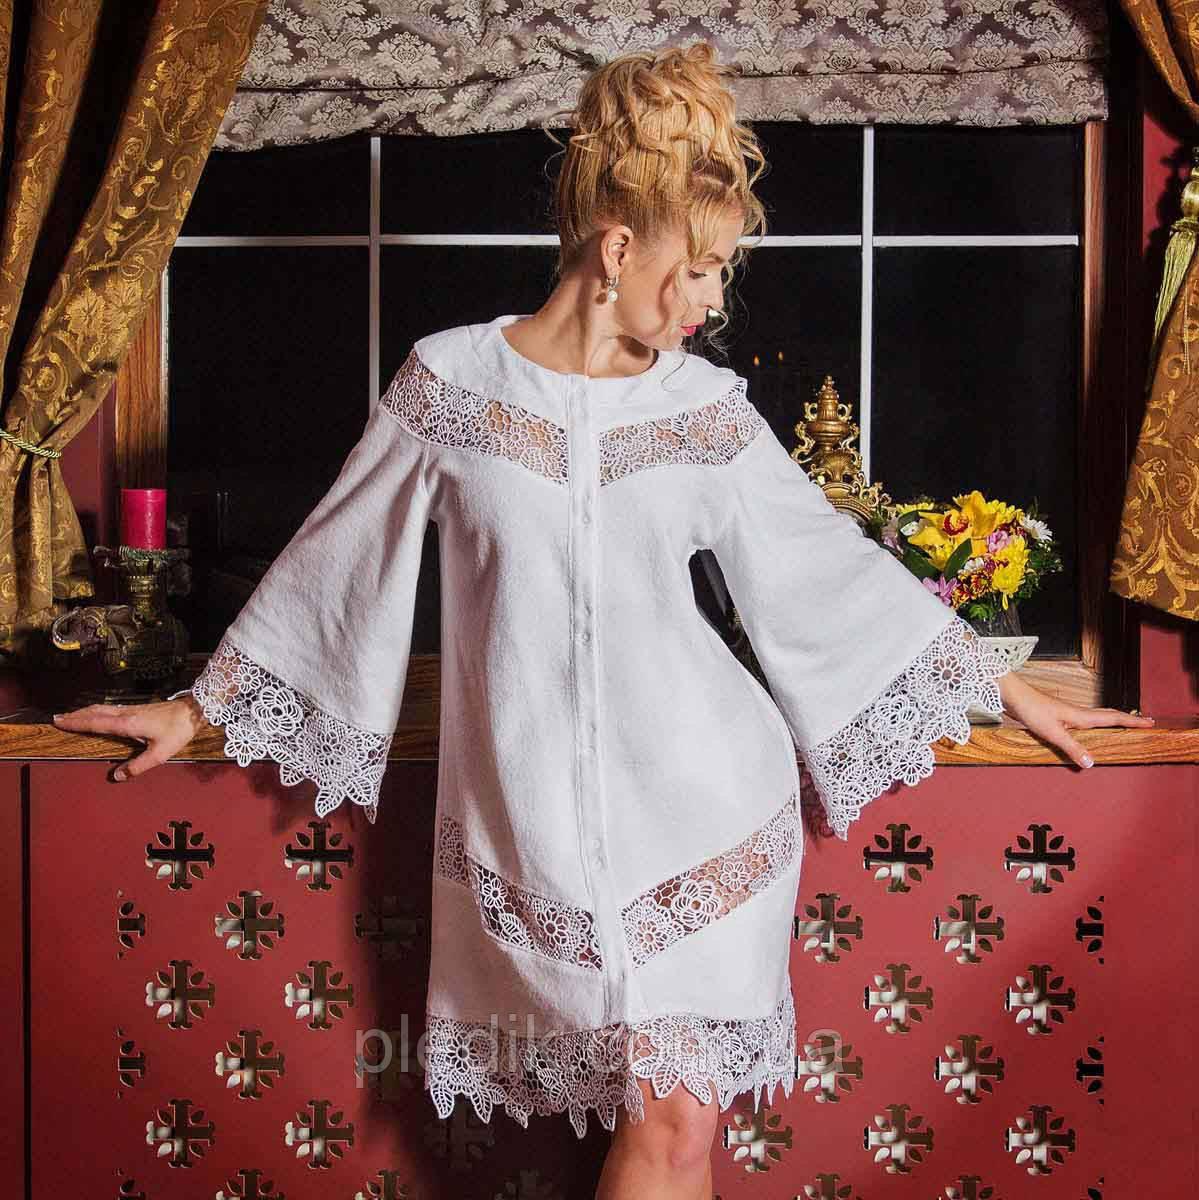 Махровый халат с кружевами GLORIA белый, кремовый L. Все размеры.